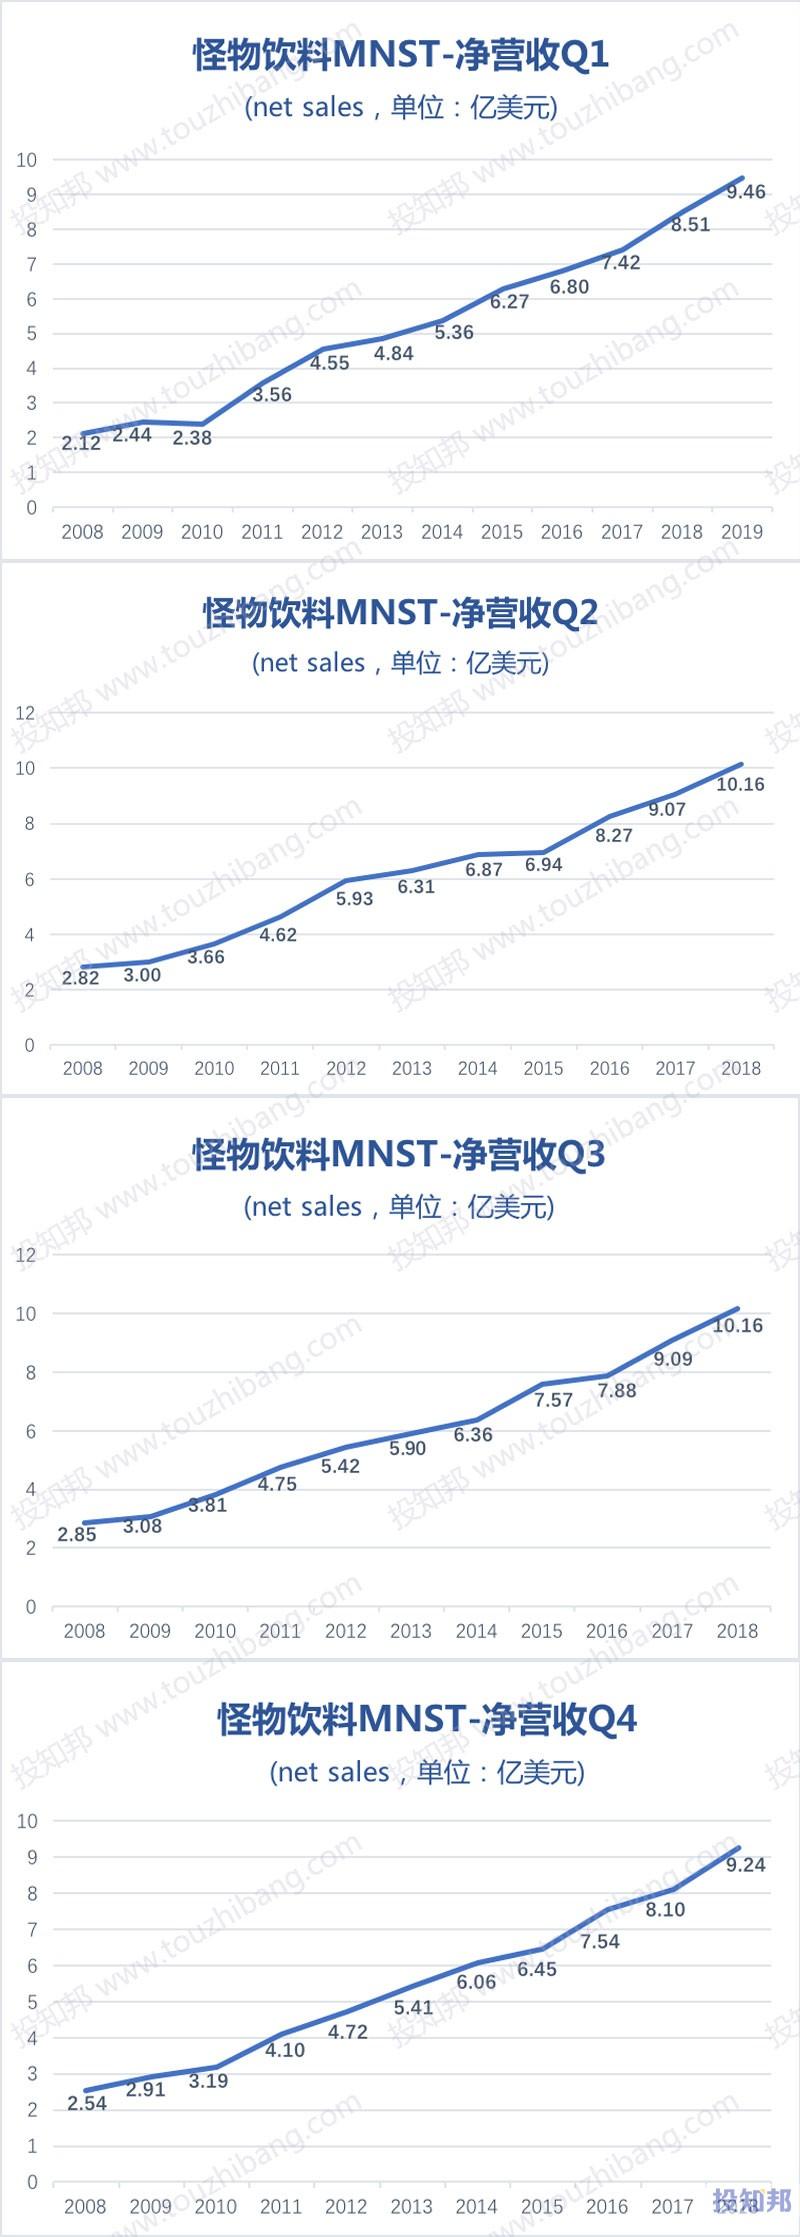 图解怪物饮料(MNST)财报数据(2008年~2019年Q1)